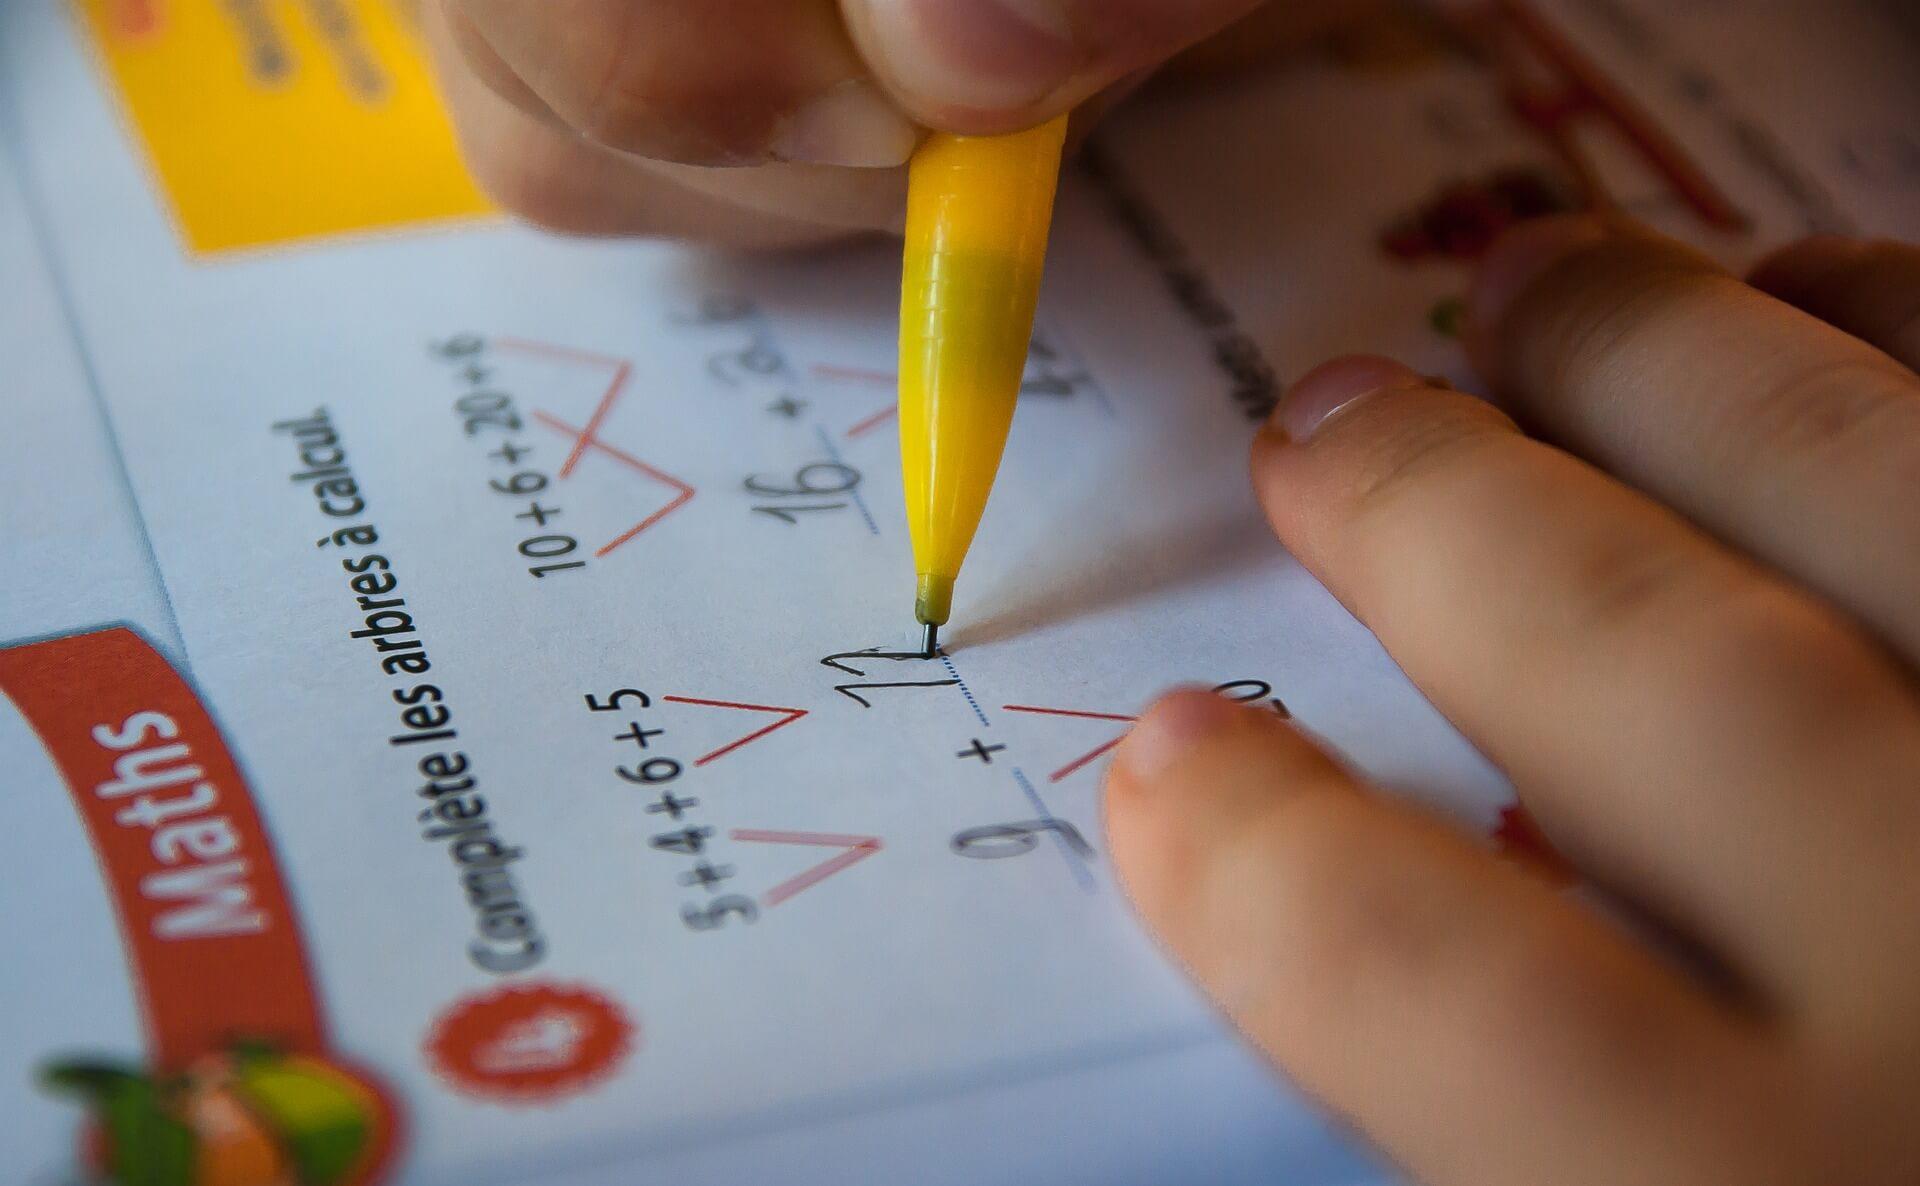 陰山式100ます計算(割り算)、1年間で娘の計算力がアップ!